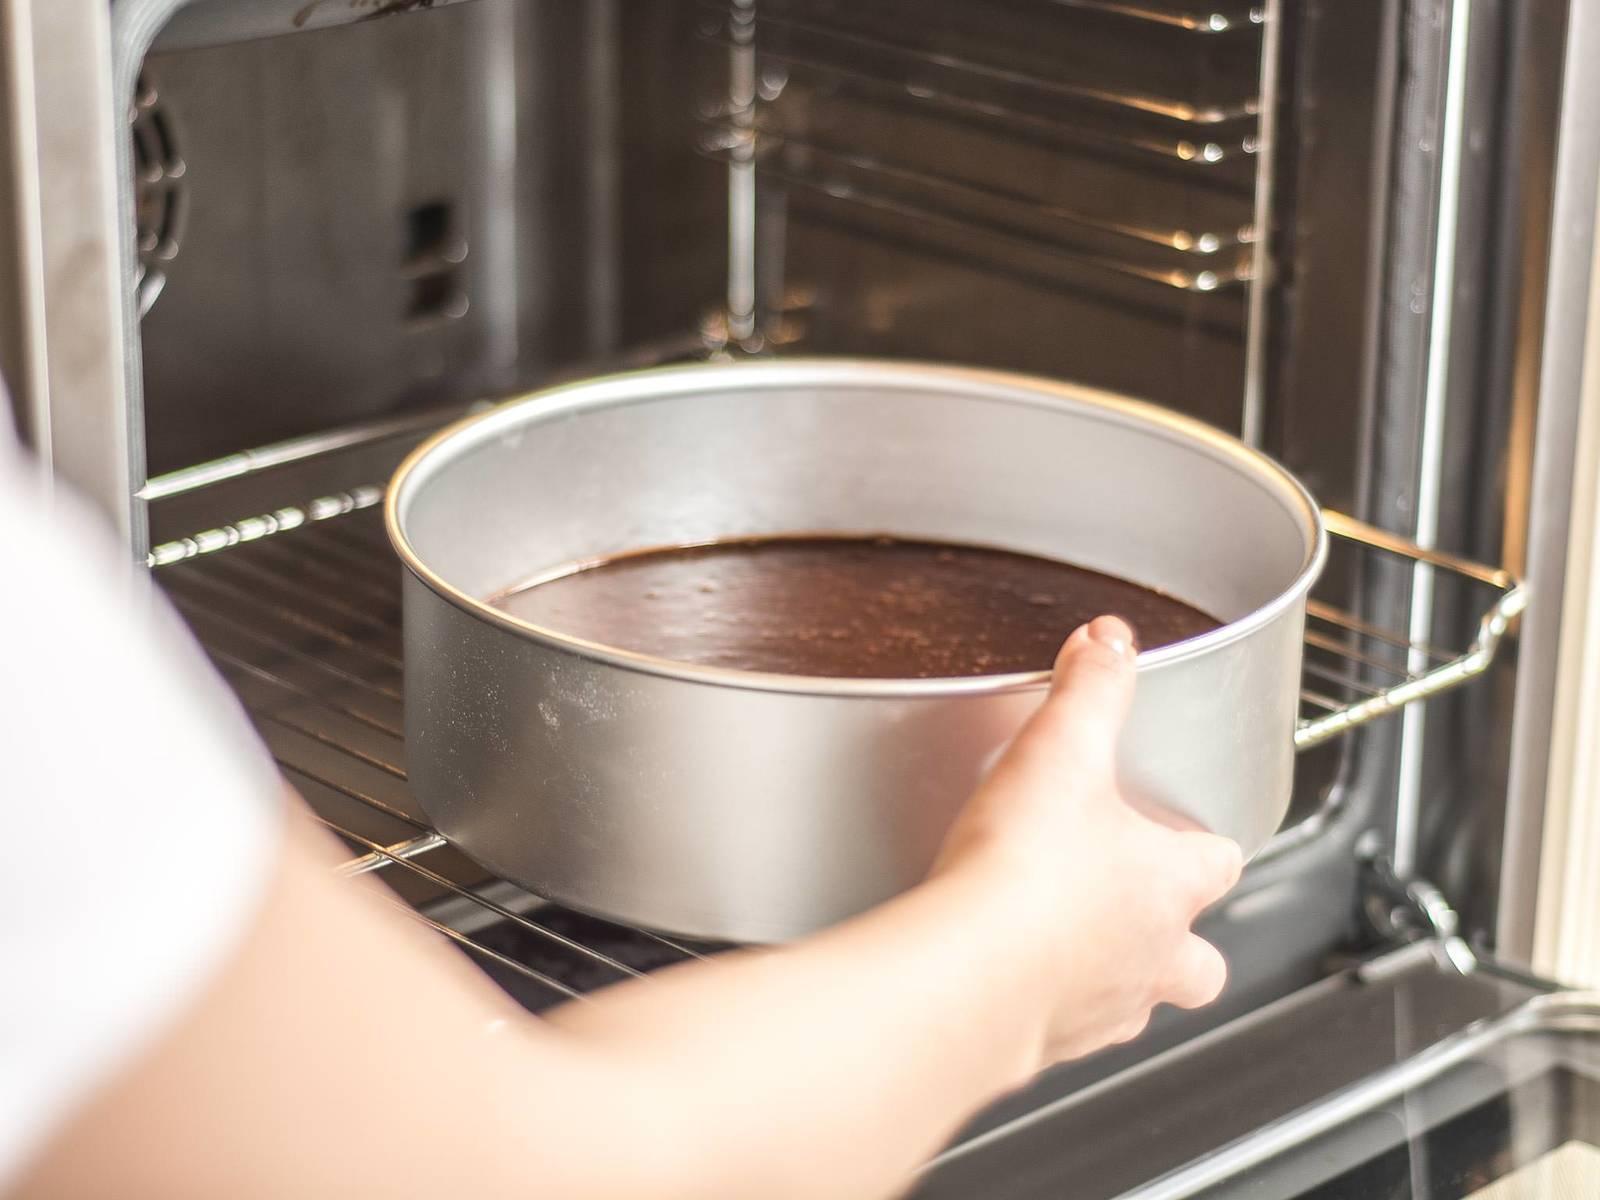 放入已预热至180摄氏度的烤箱内,烘烤约30分钟。等待10分钟后再从烤模中取出。可饰以糖粉并佐以生奶油享用。